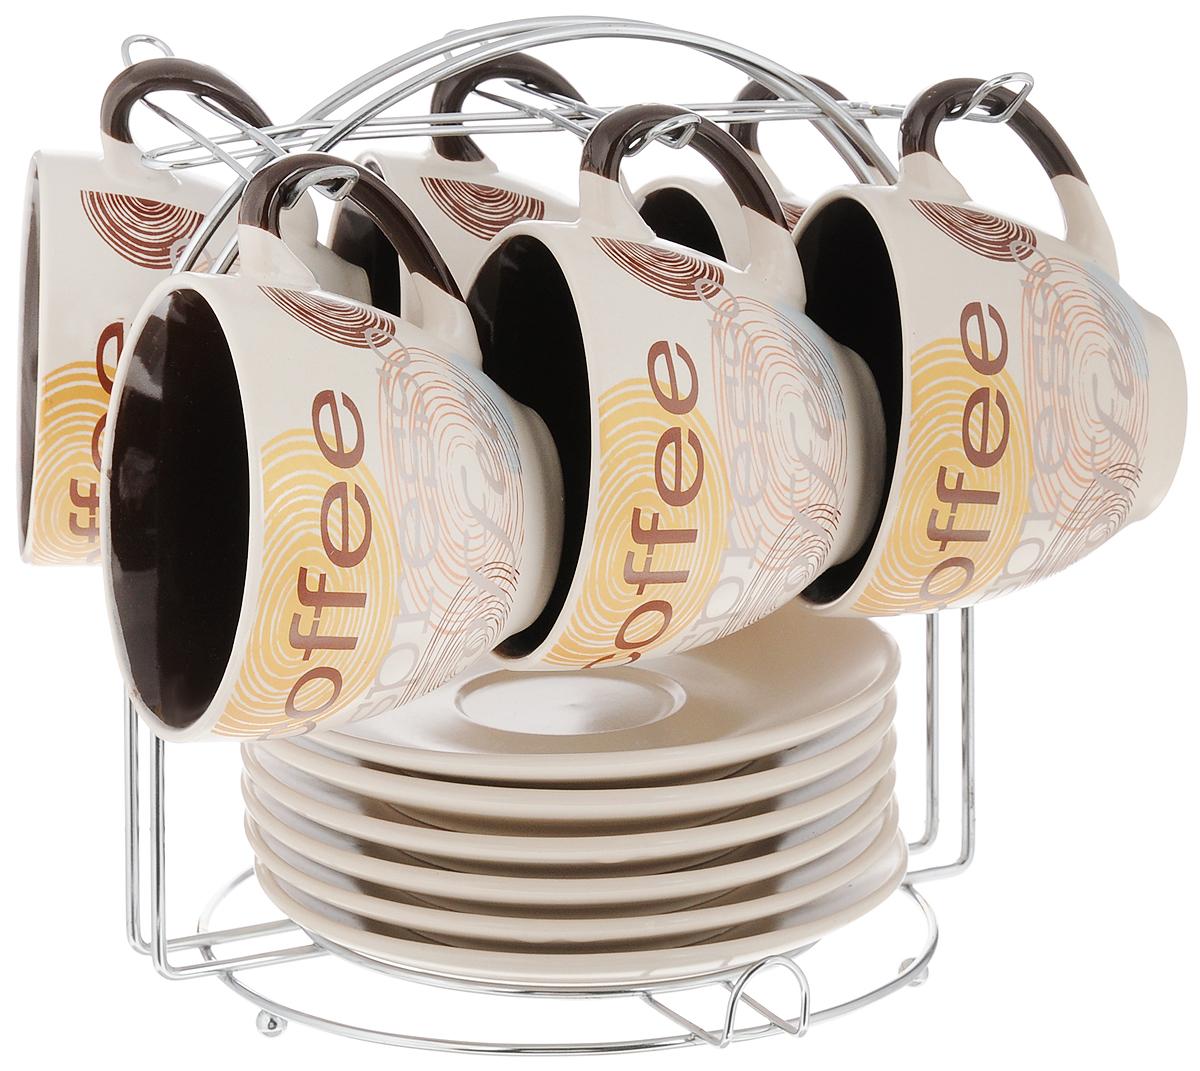 Набор кофейный Loraine, на подставке, 13 предметов. 2353623536Кофейный набор Loraine состоит из 6 чашек и 6 блюдец. Изделия выполнены из высококачественной керамики и оформлены стильным рисунком Кофе. Набор выполнен в красивых кофейных тонах. Теплостойкие ручки обеспечивают комфорт во время использования. Изящный дизайн придется по вкусу и ценителям классики, и тем, кто предпочитает утонченность и изысканность. Кофе, сервированный в такой посуде, настроит на позитивный лад и подарит хорошее настроение. В комплекте предусмотрена металлическая подставка. Кофейный набор Loraine - идеальный и необходимый подарок для вашего дома и для ваших друзей в праздники. Можно мыть в посудомоечной машине, использовать в микроволновой печи, а также ставить в холодильник. Объем чашки: 220 мл. Диаметр чашки (по верхнему краю): 8,5 см. Высота чашки: 7,5 см. Диаметр блюдца: 14,5 см. Размер подставки: 19 х 19 х 20 см.